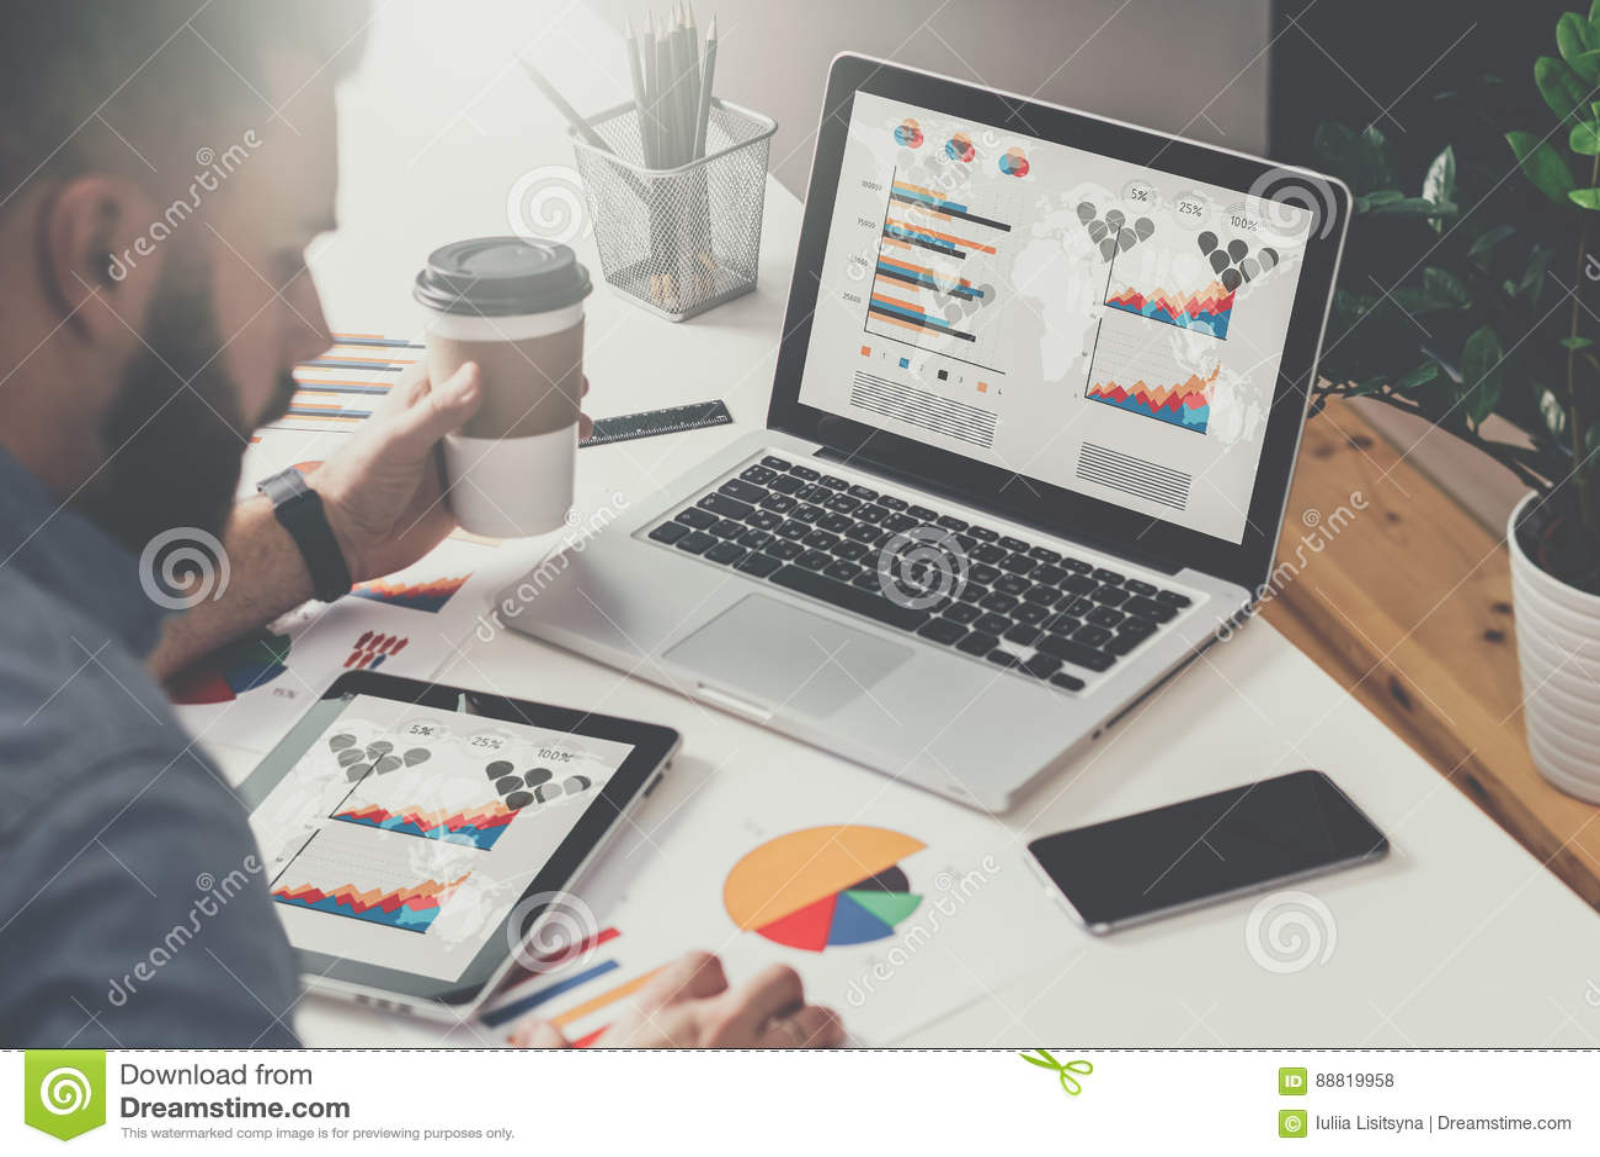 Op lijst is laptop en tabletcomputer met grafieken, diagrammen en grafieken op het scherm, smartphone, document grafiek Achter me